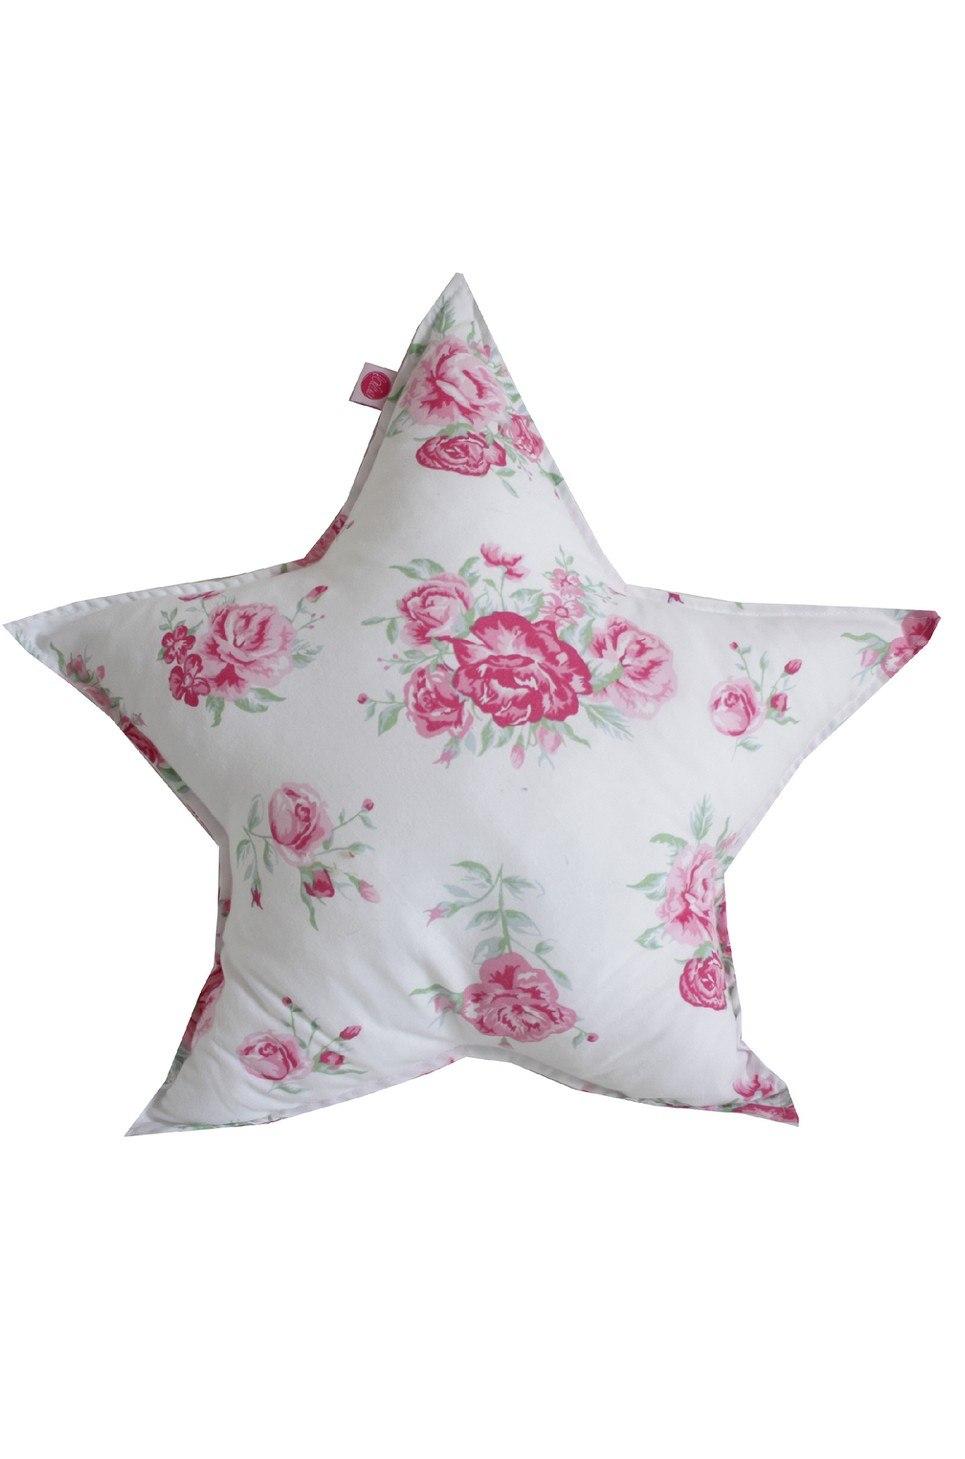 Roses On Star Children's Cushion